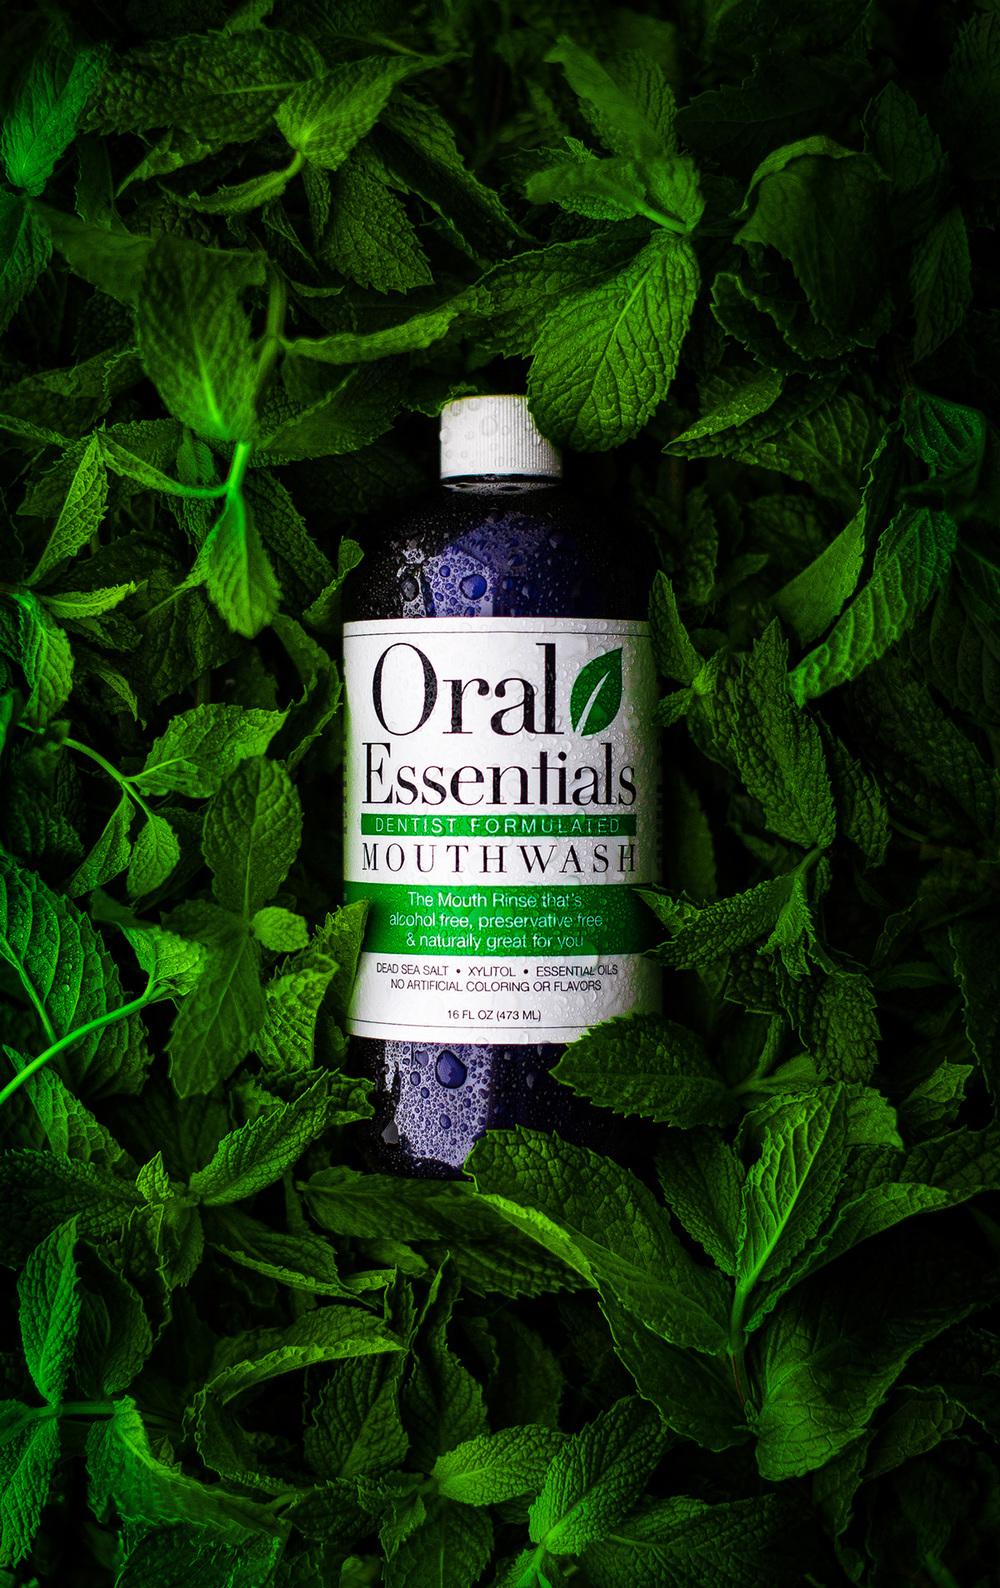 OralEssentials1.jpg